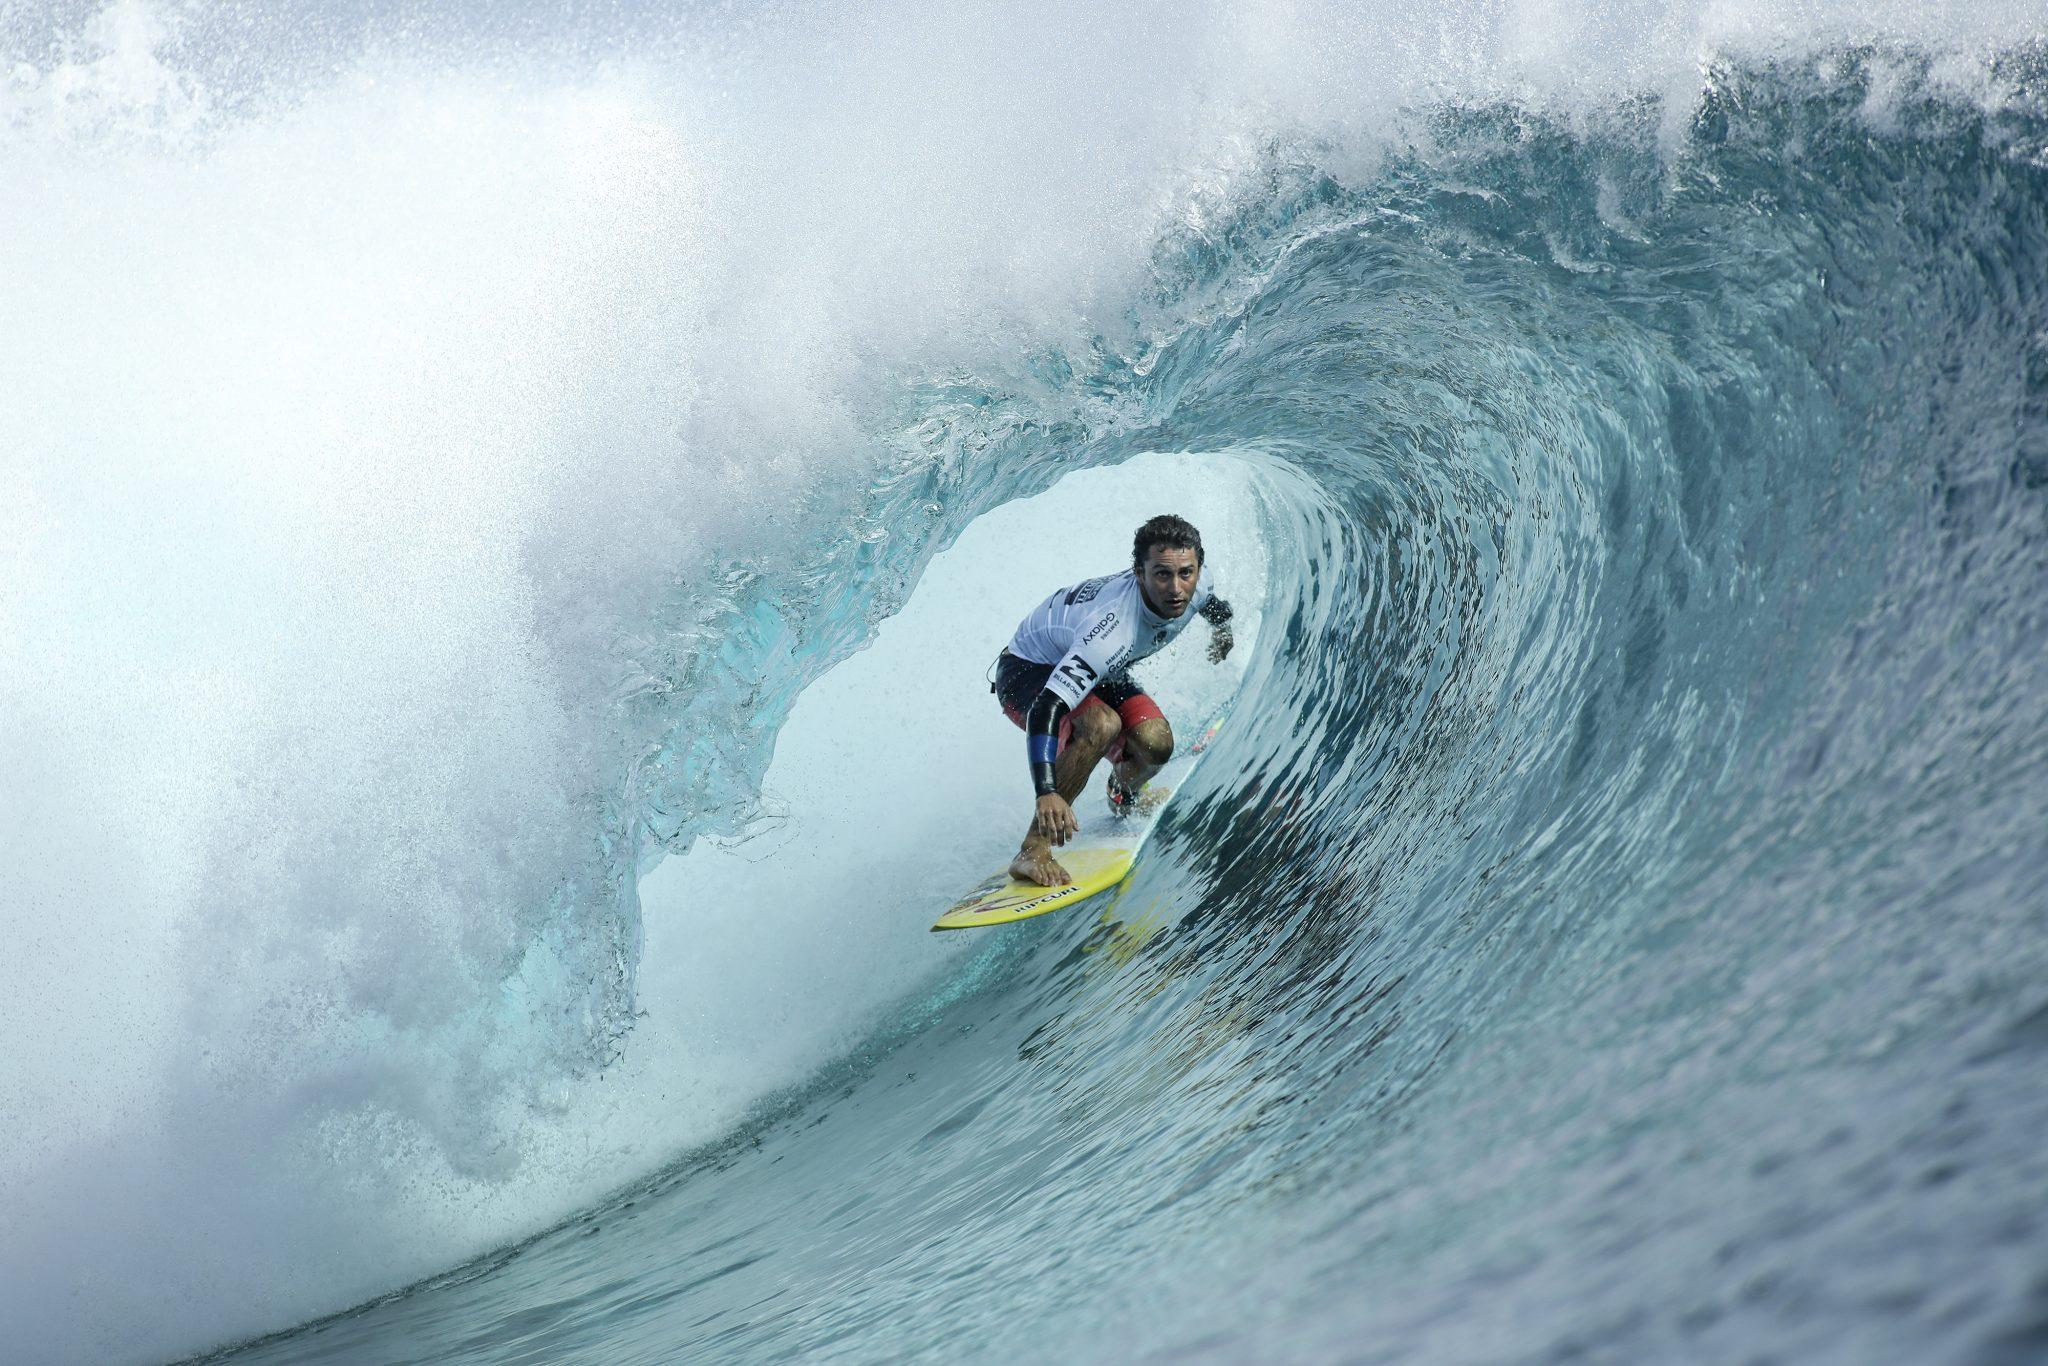 89b693a843 Event wildcard and 2008 Billabong Pro Tahiti winner